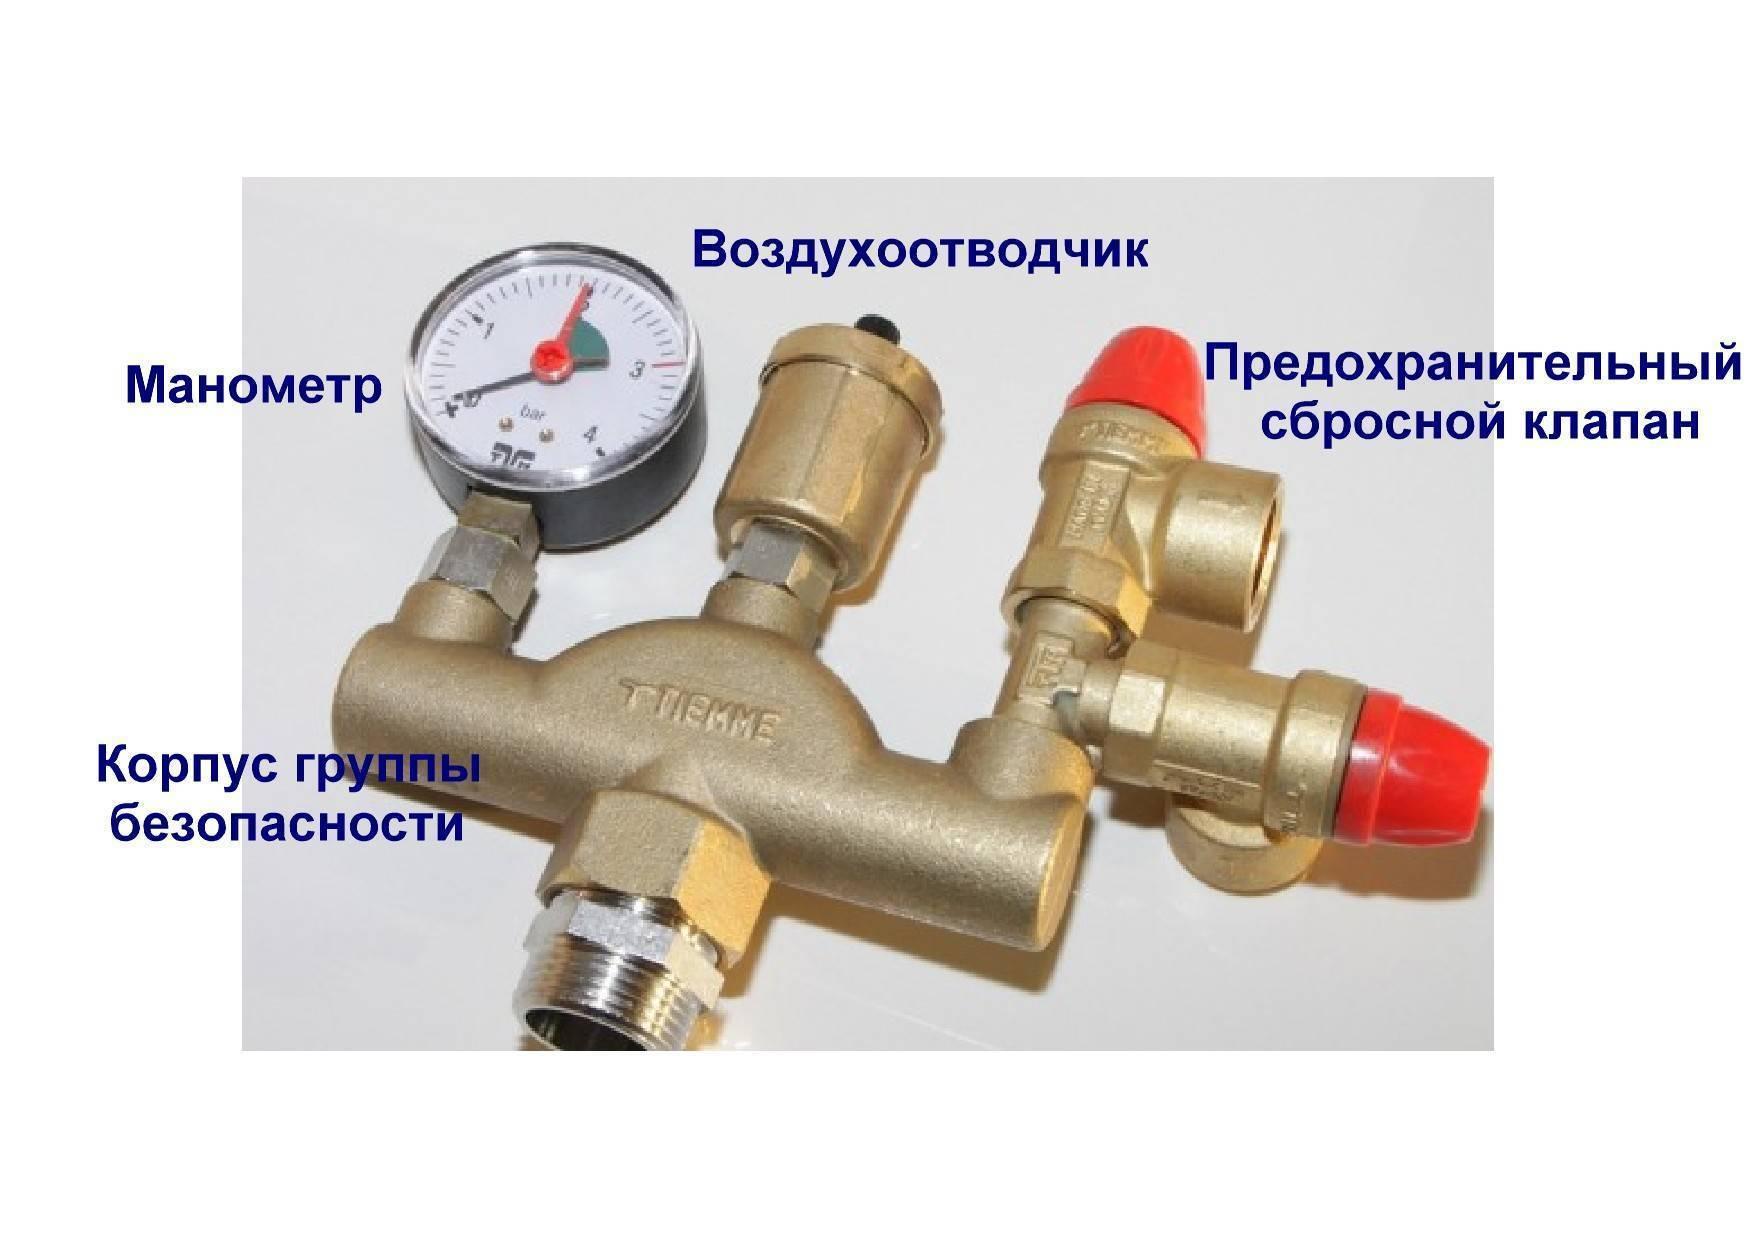 Предохранительный клапан для котла: как выбрать, виды механизмов сброса давления и лучшие модели, инструкция по установке в систему отоплния, настройке и регулированию работы, актуальные цены